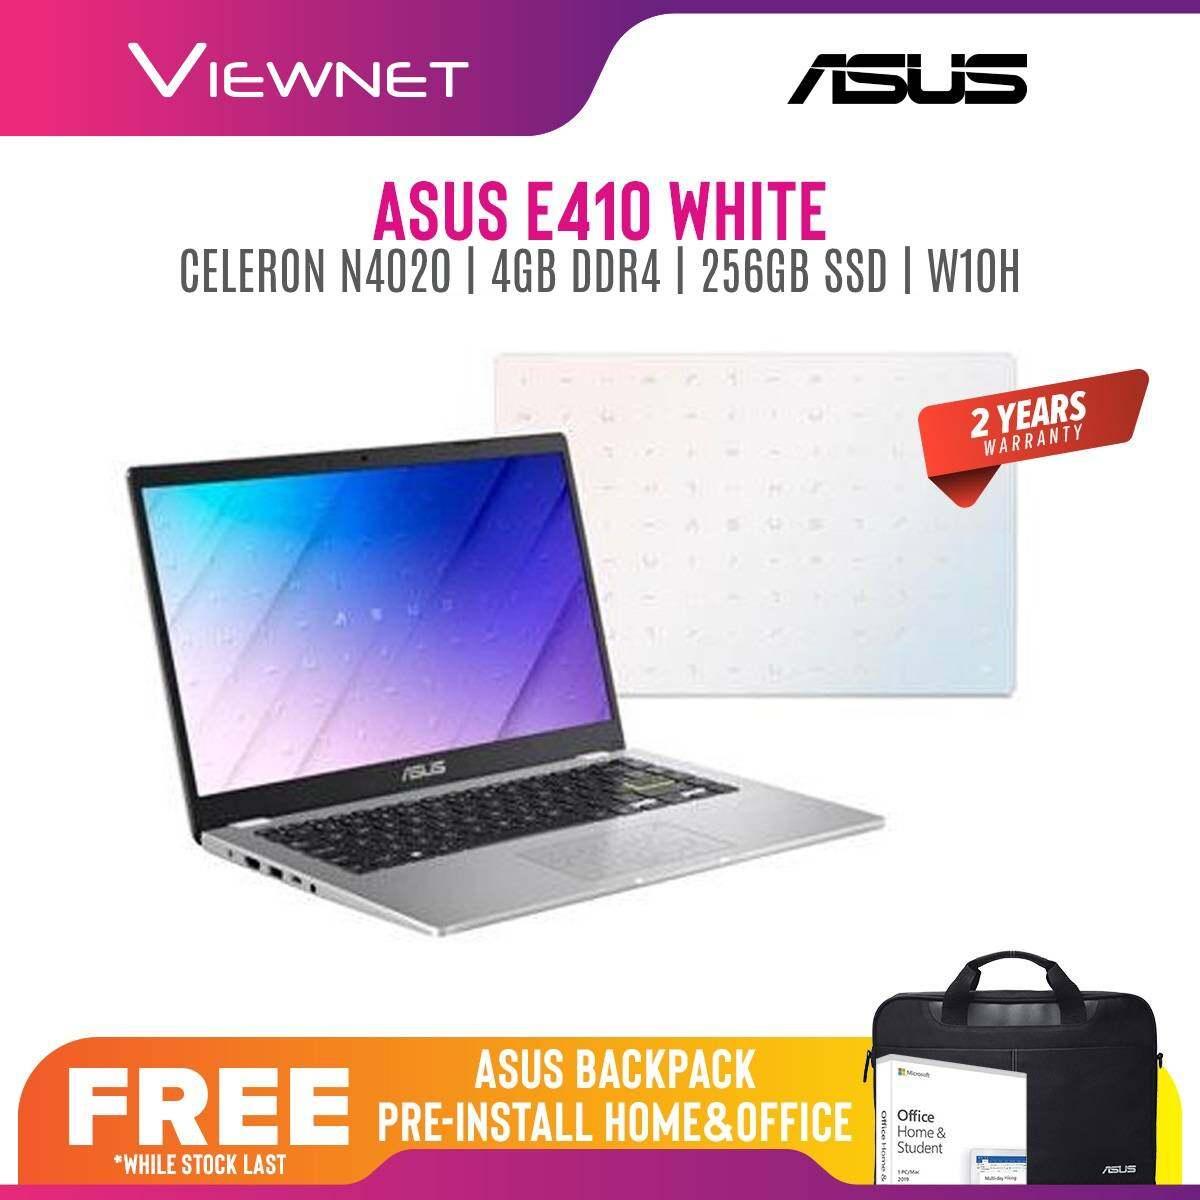 ASUS VIVOBOOK E410M-ABV016TS E410M-ABV017TS E410M-ABV018TS LAPTOP INTEL CELERON N4020 4GB DDR4 256GB SSD INTEL UHD GRAPHIC 14